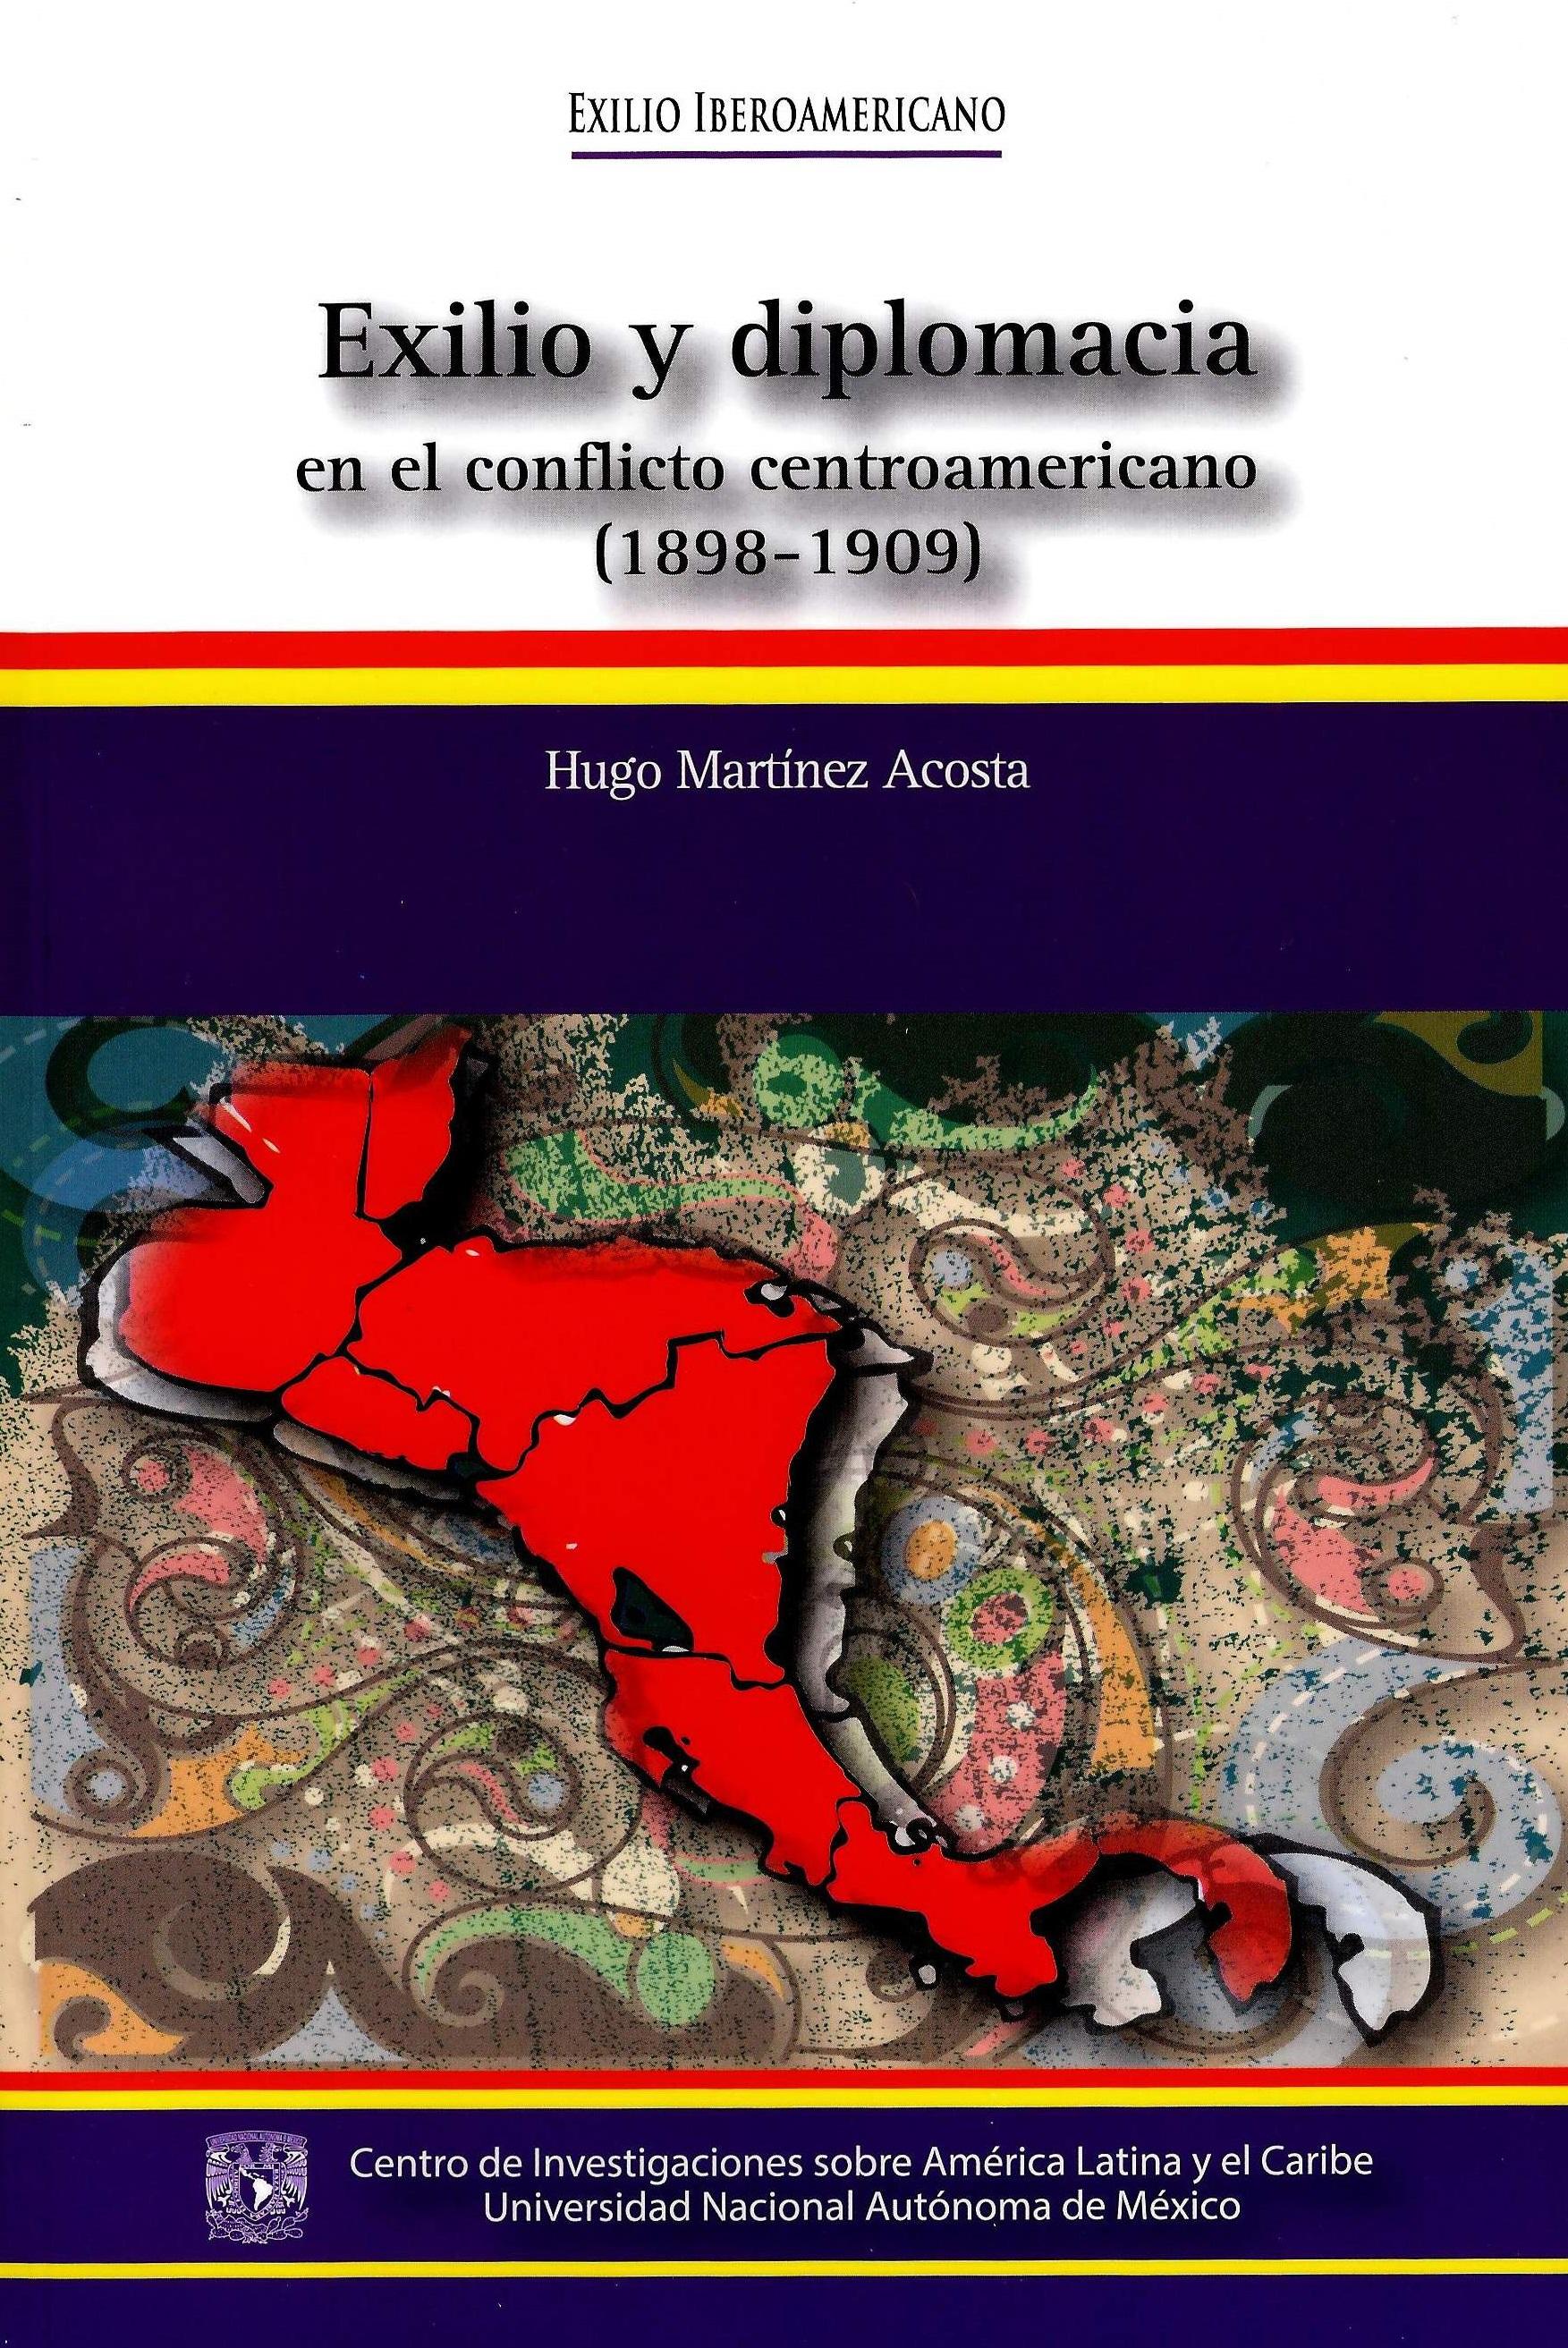 Exilio y diplomacia en el conflicto centroamericano (1898-1909)